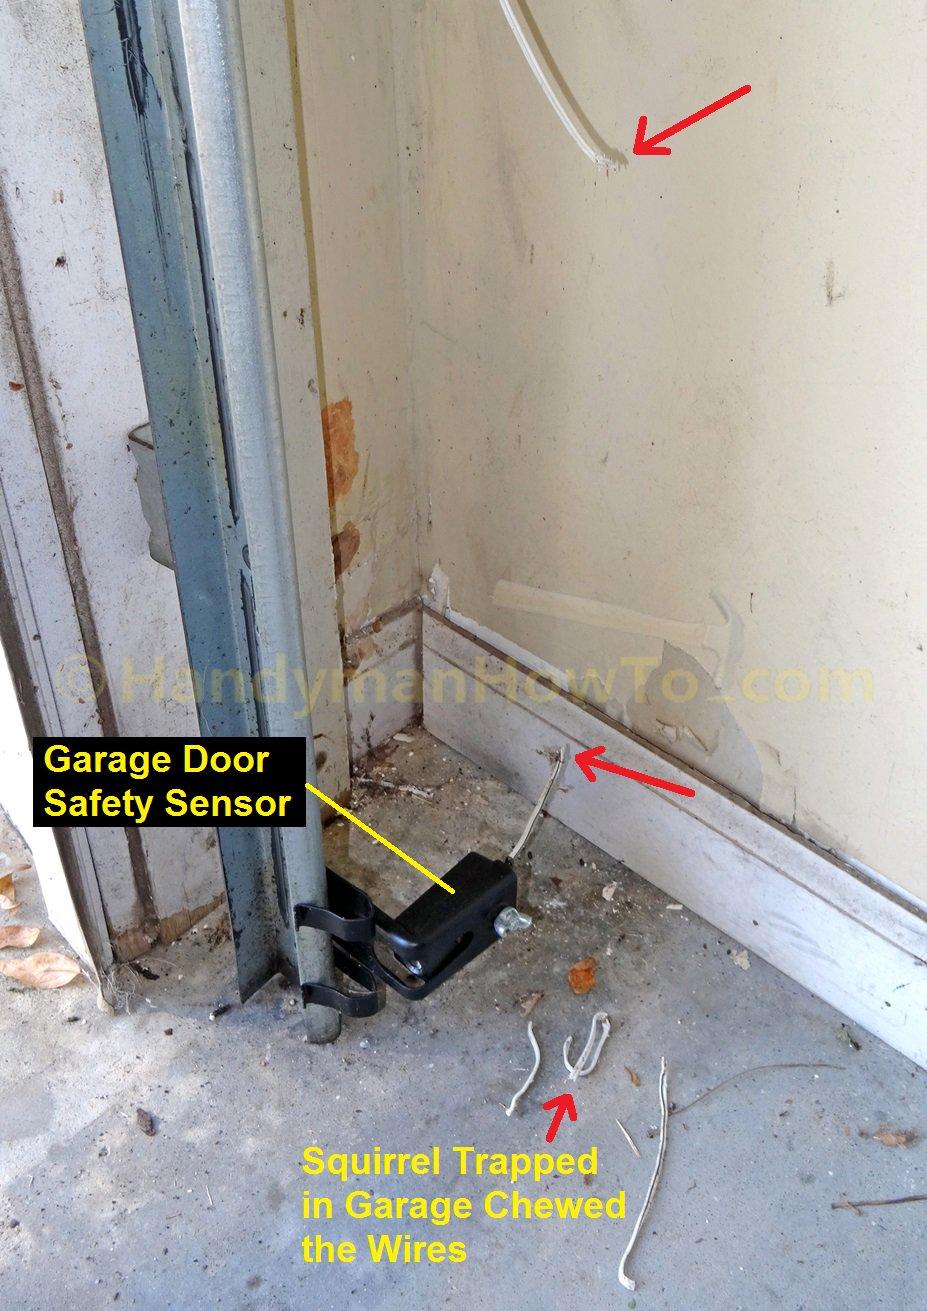 How To Repair Garage Door Safety Sensor Wires - Chamberlain Garage Door Sensor Wiring Diagram